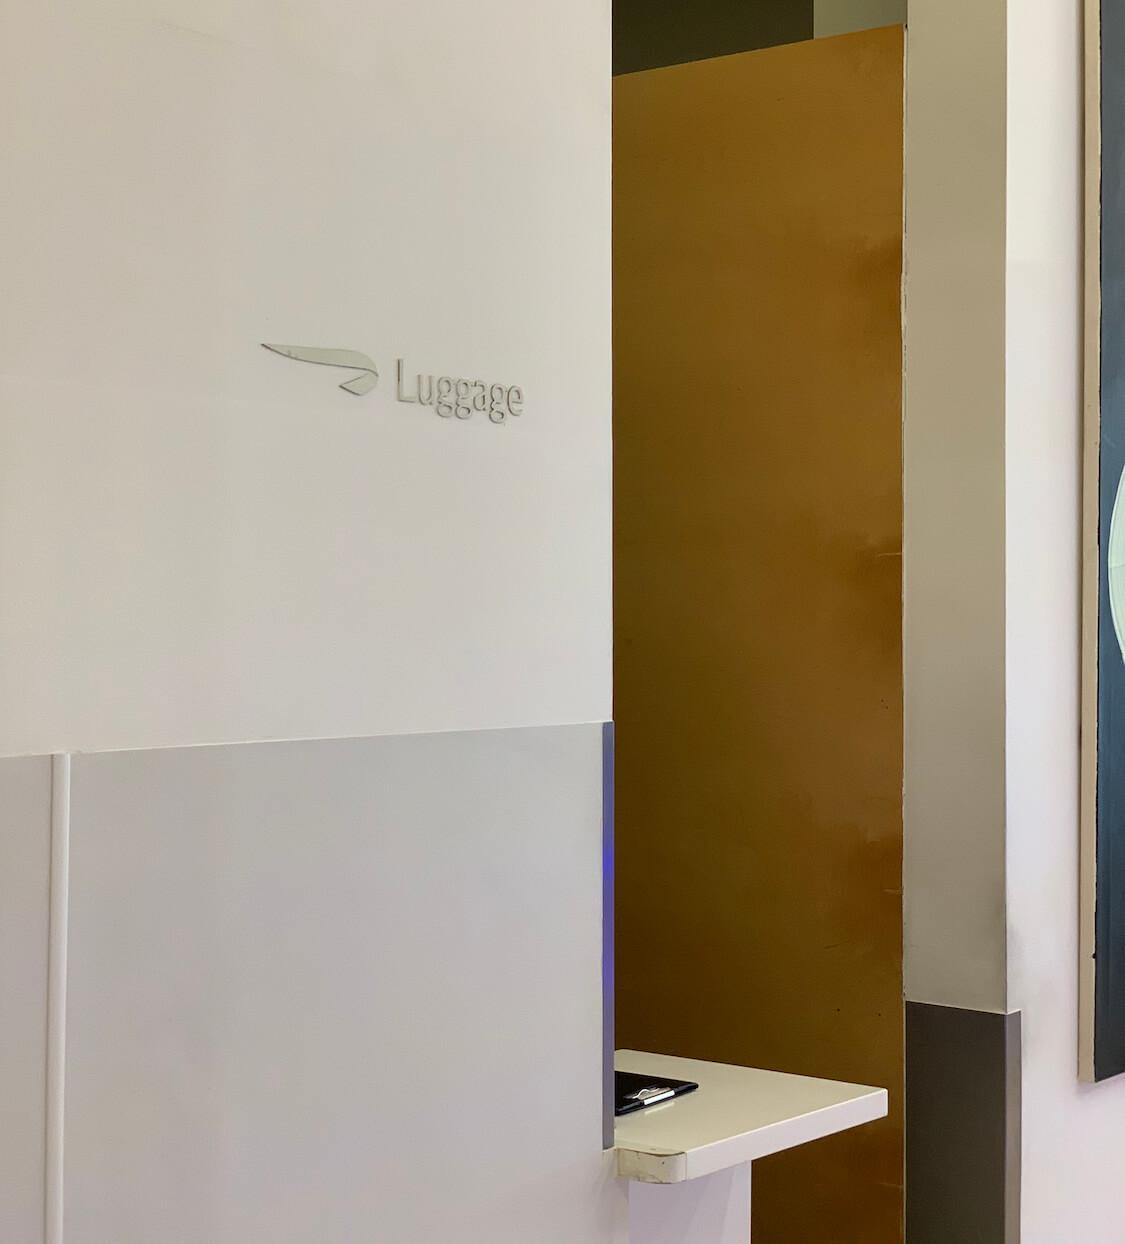 British Airways Galleries Lounge North - Luggage Storage